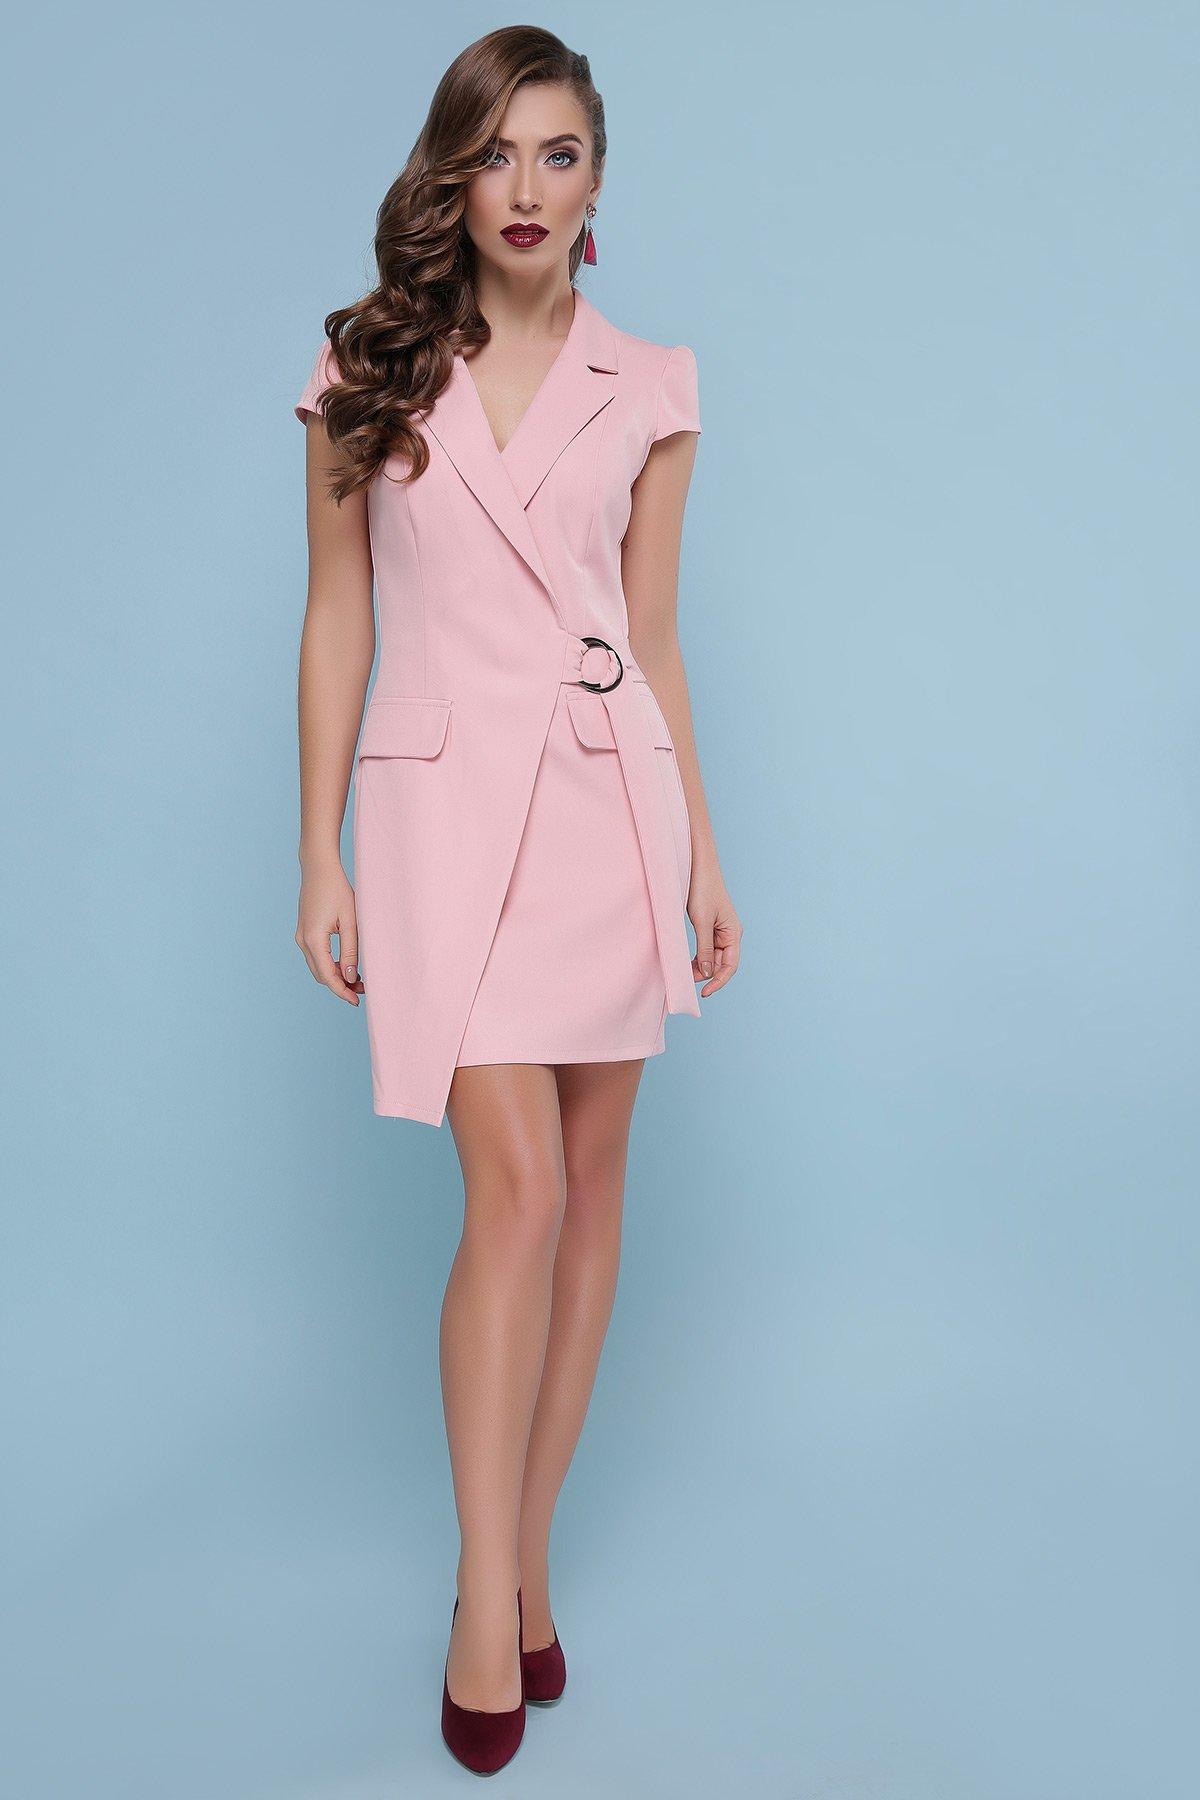 4d91649d0266 Женские платья осень зима купить выгодно в Украине